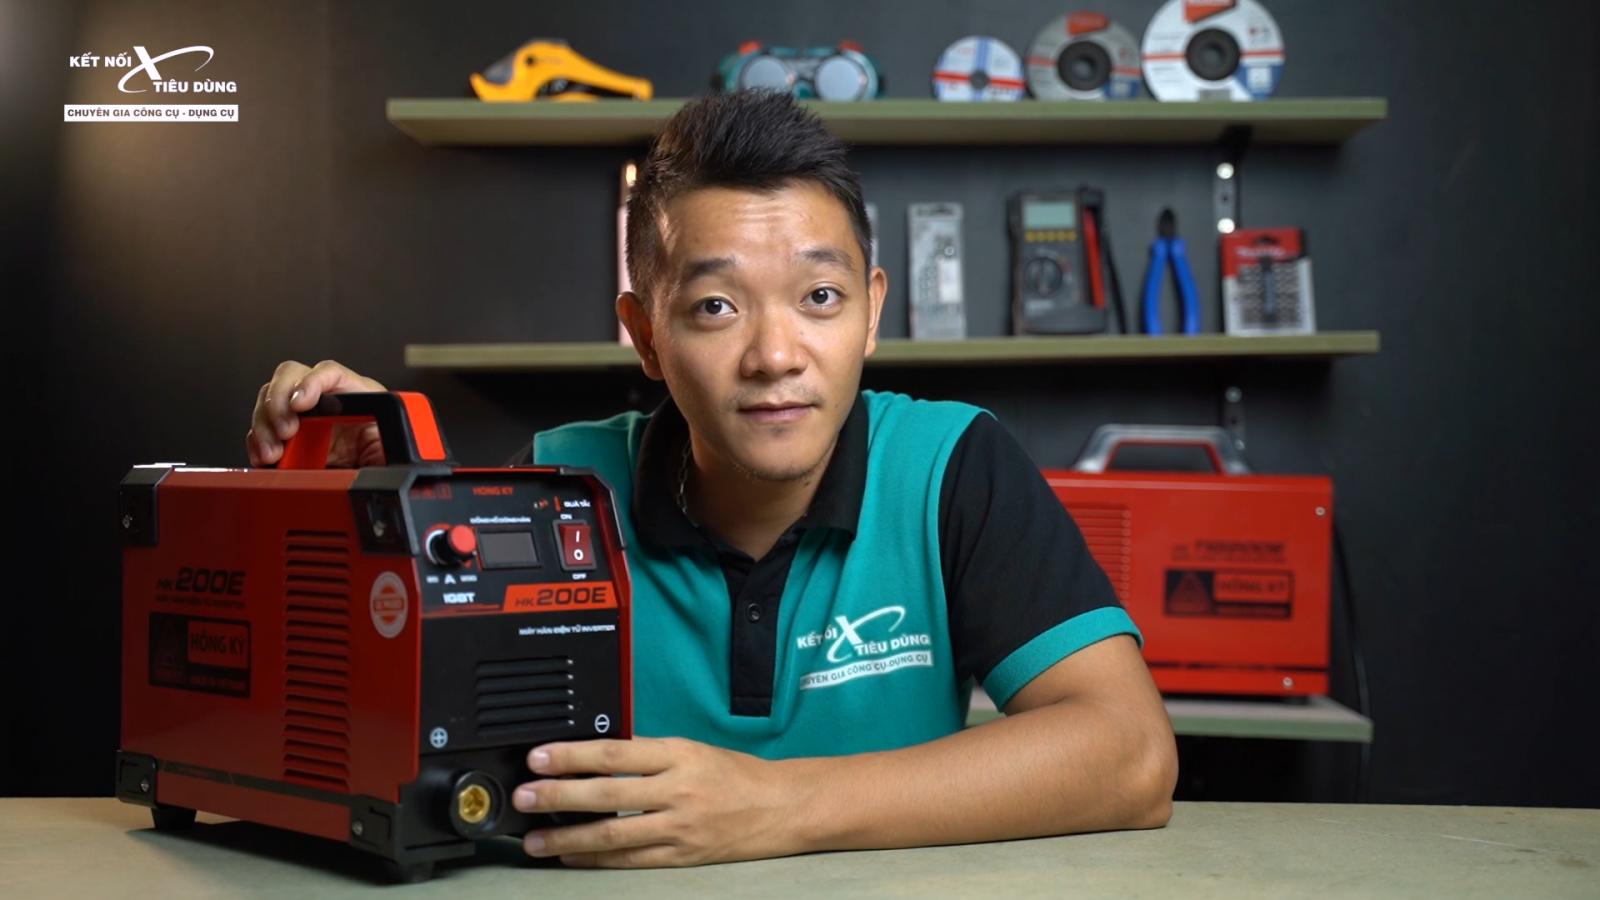 [Bộ sưu tập] Top 5 máy hàn mini gia đình giá rẻ, chất lượng tốt nhất đầu năm 2021 - tại sao nên sử dụng máy hàn mini